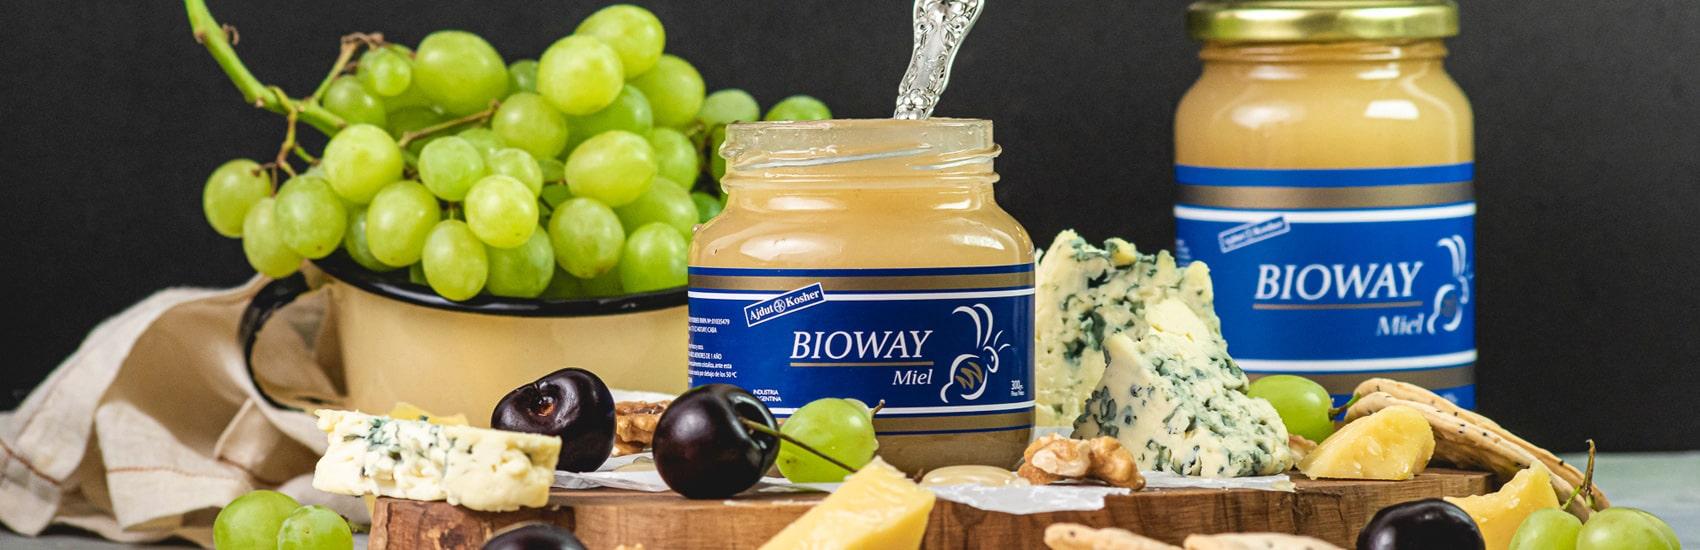 Dos frascos de miel Bioway entre frutas, quesos y galletas.